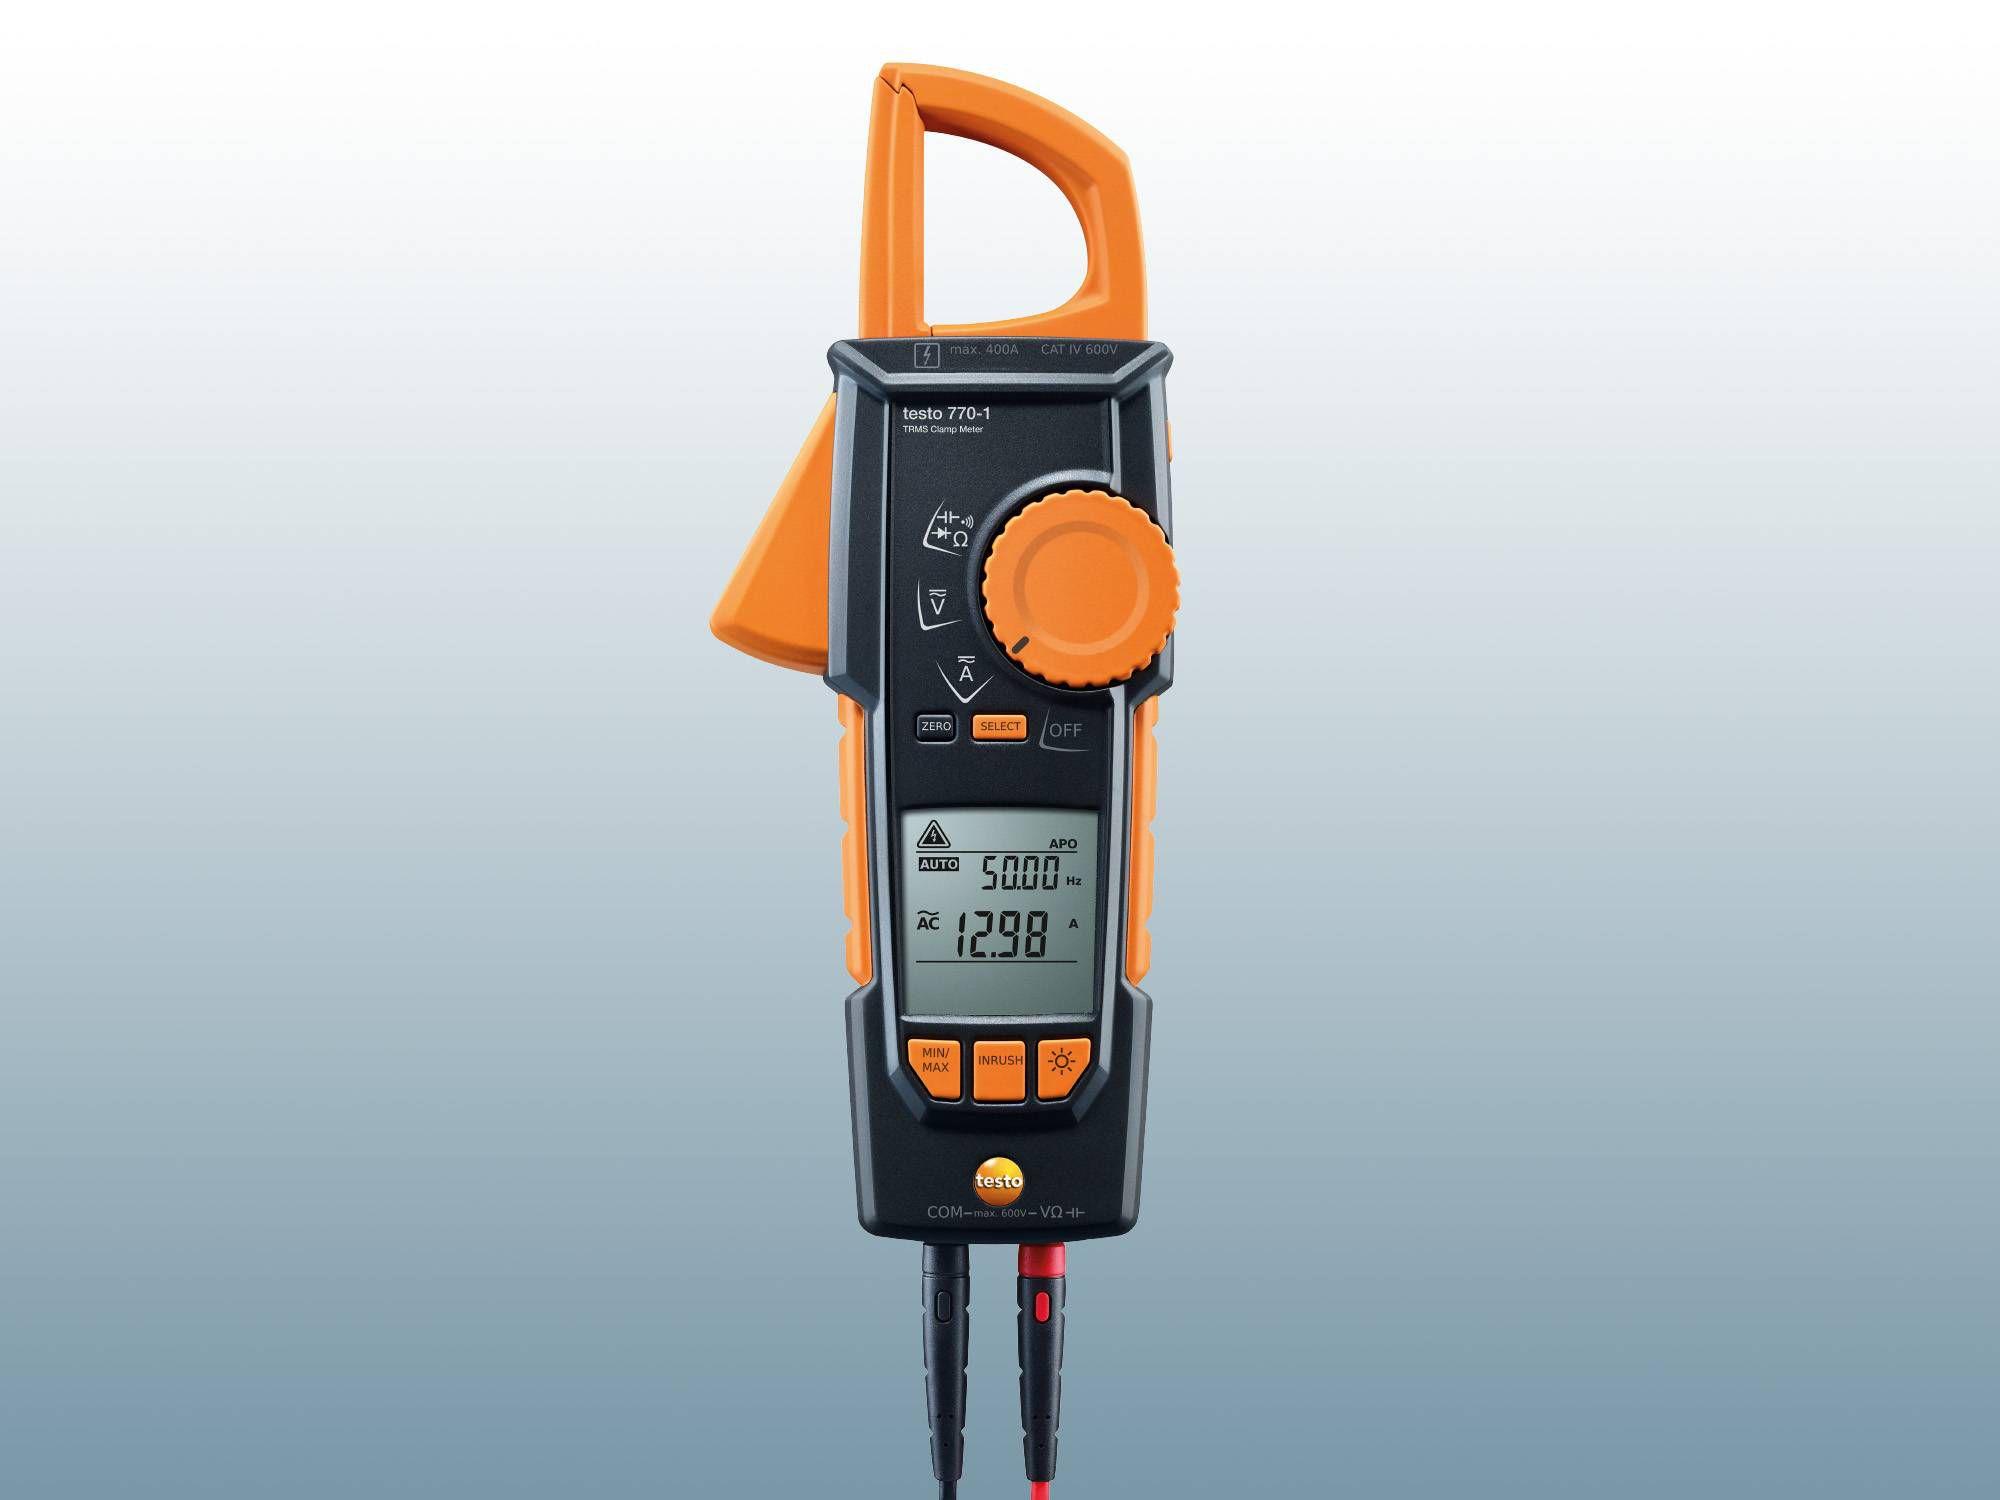 Stromzange testo 770-1